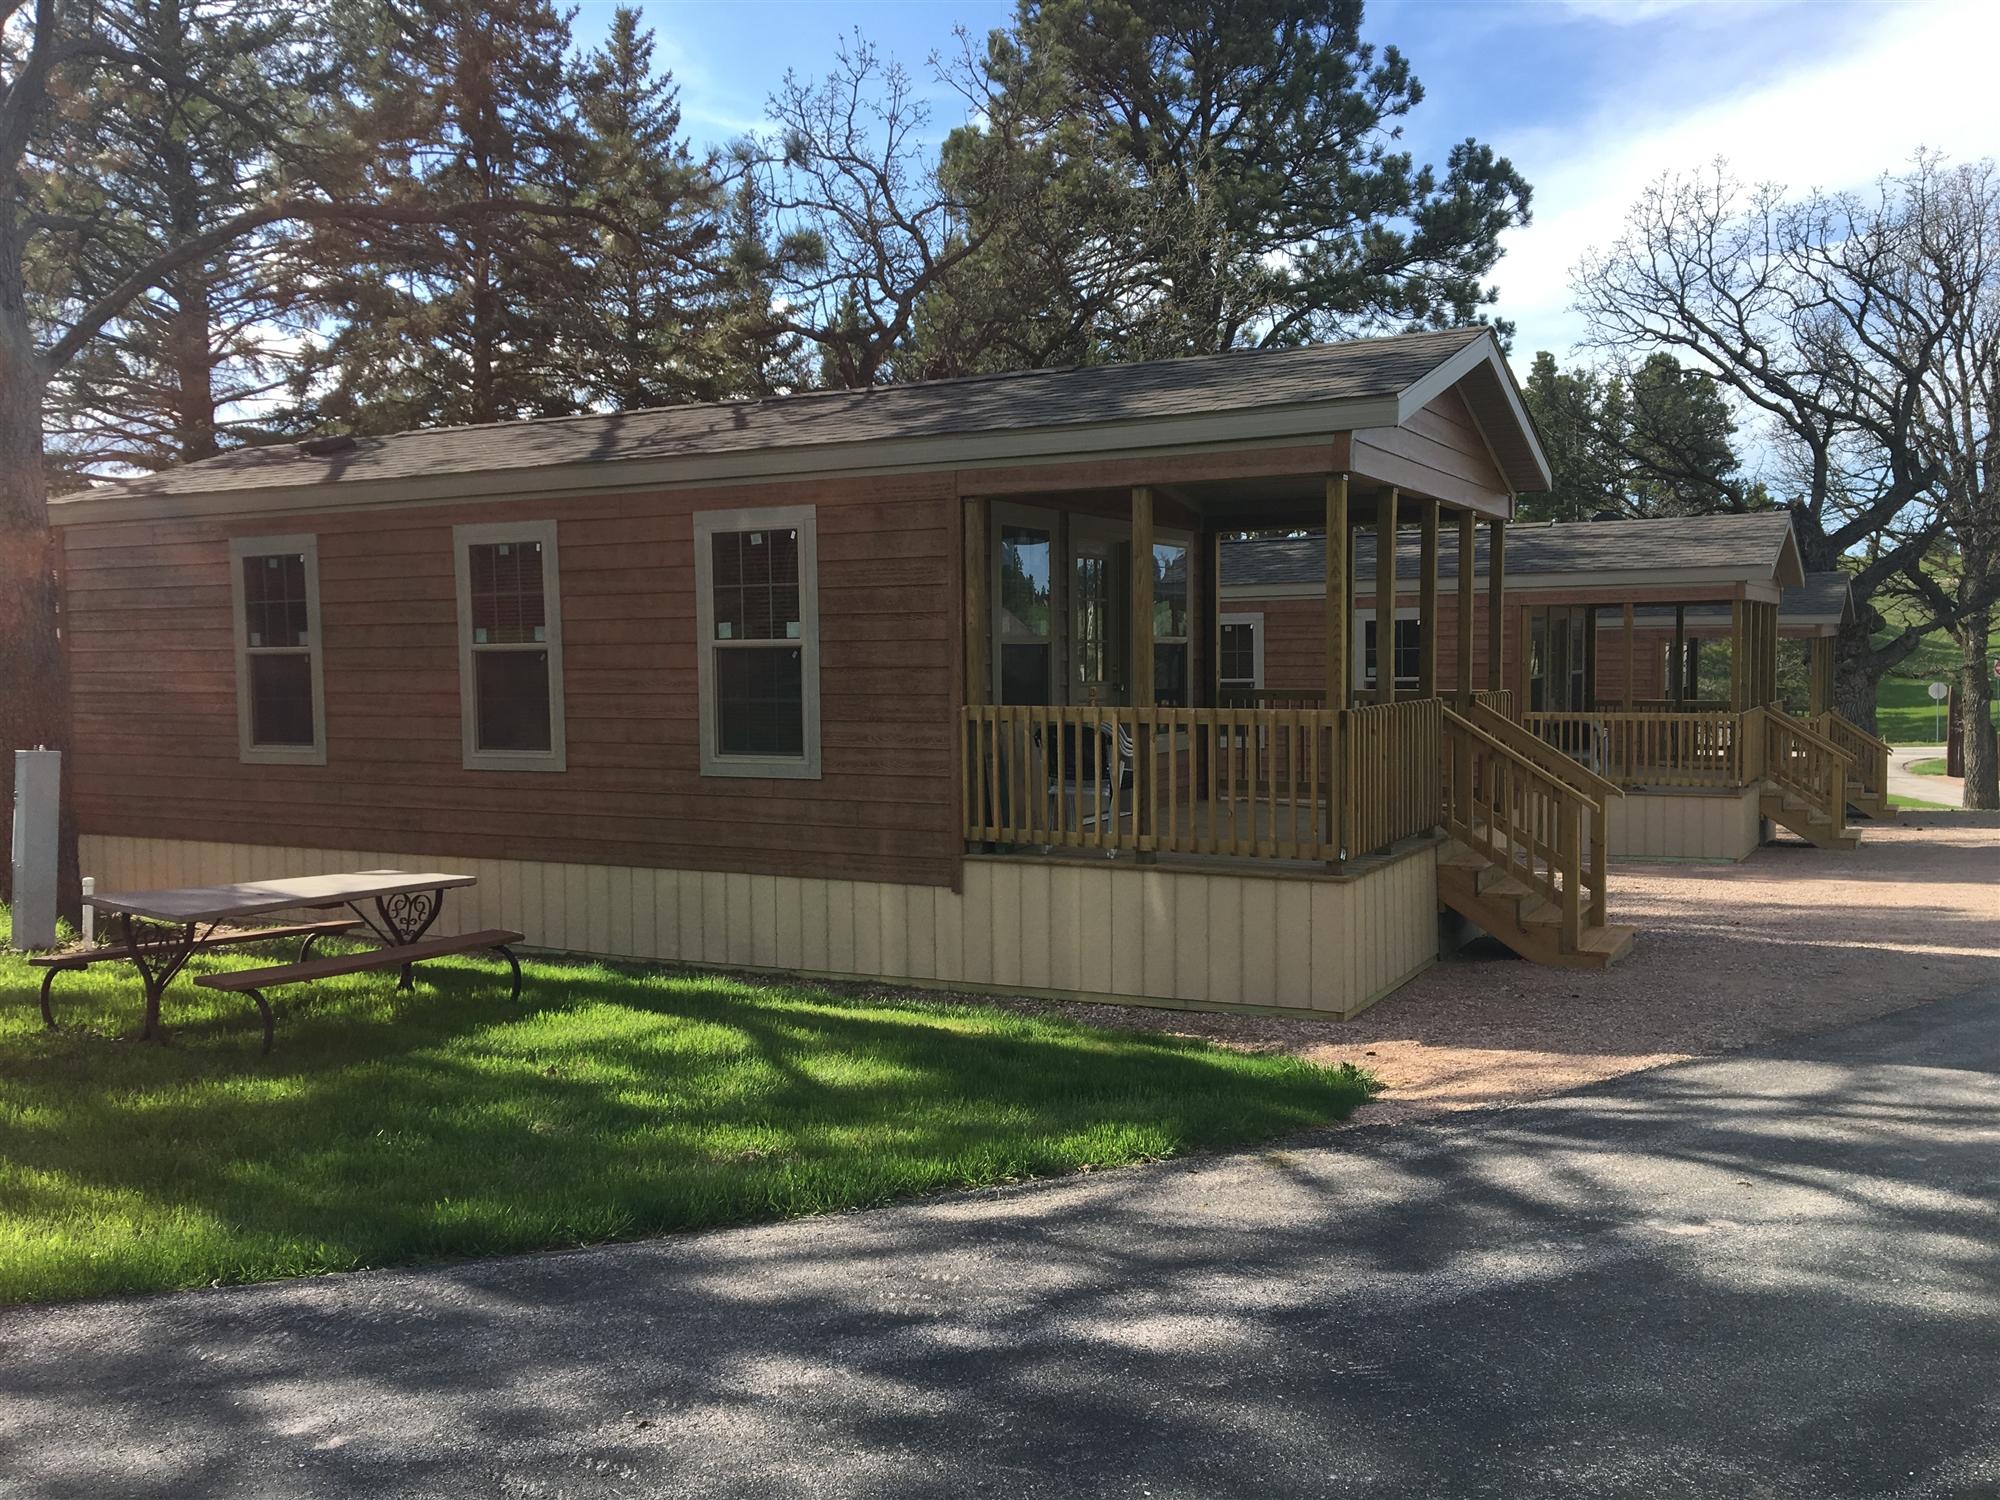 Image for #23 Aspen Cabin